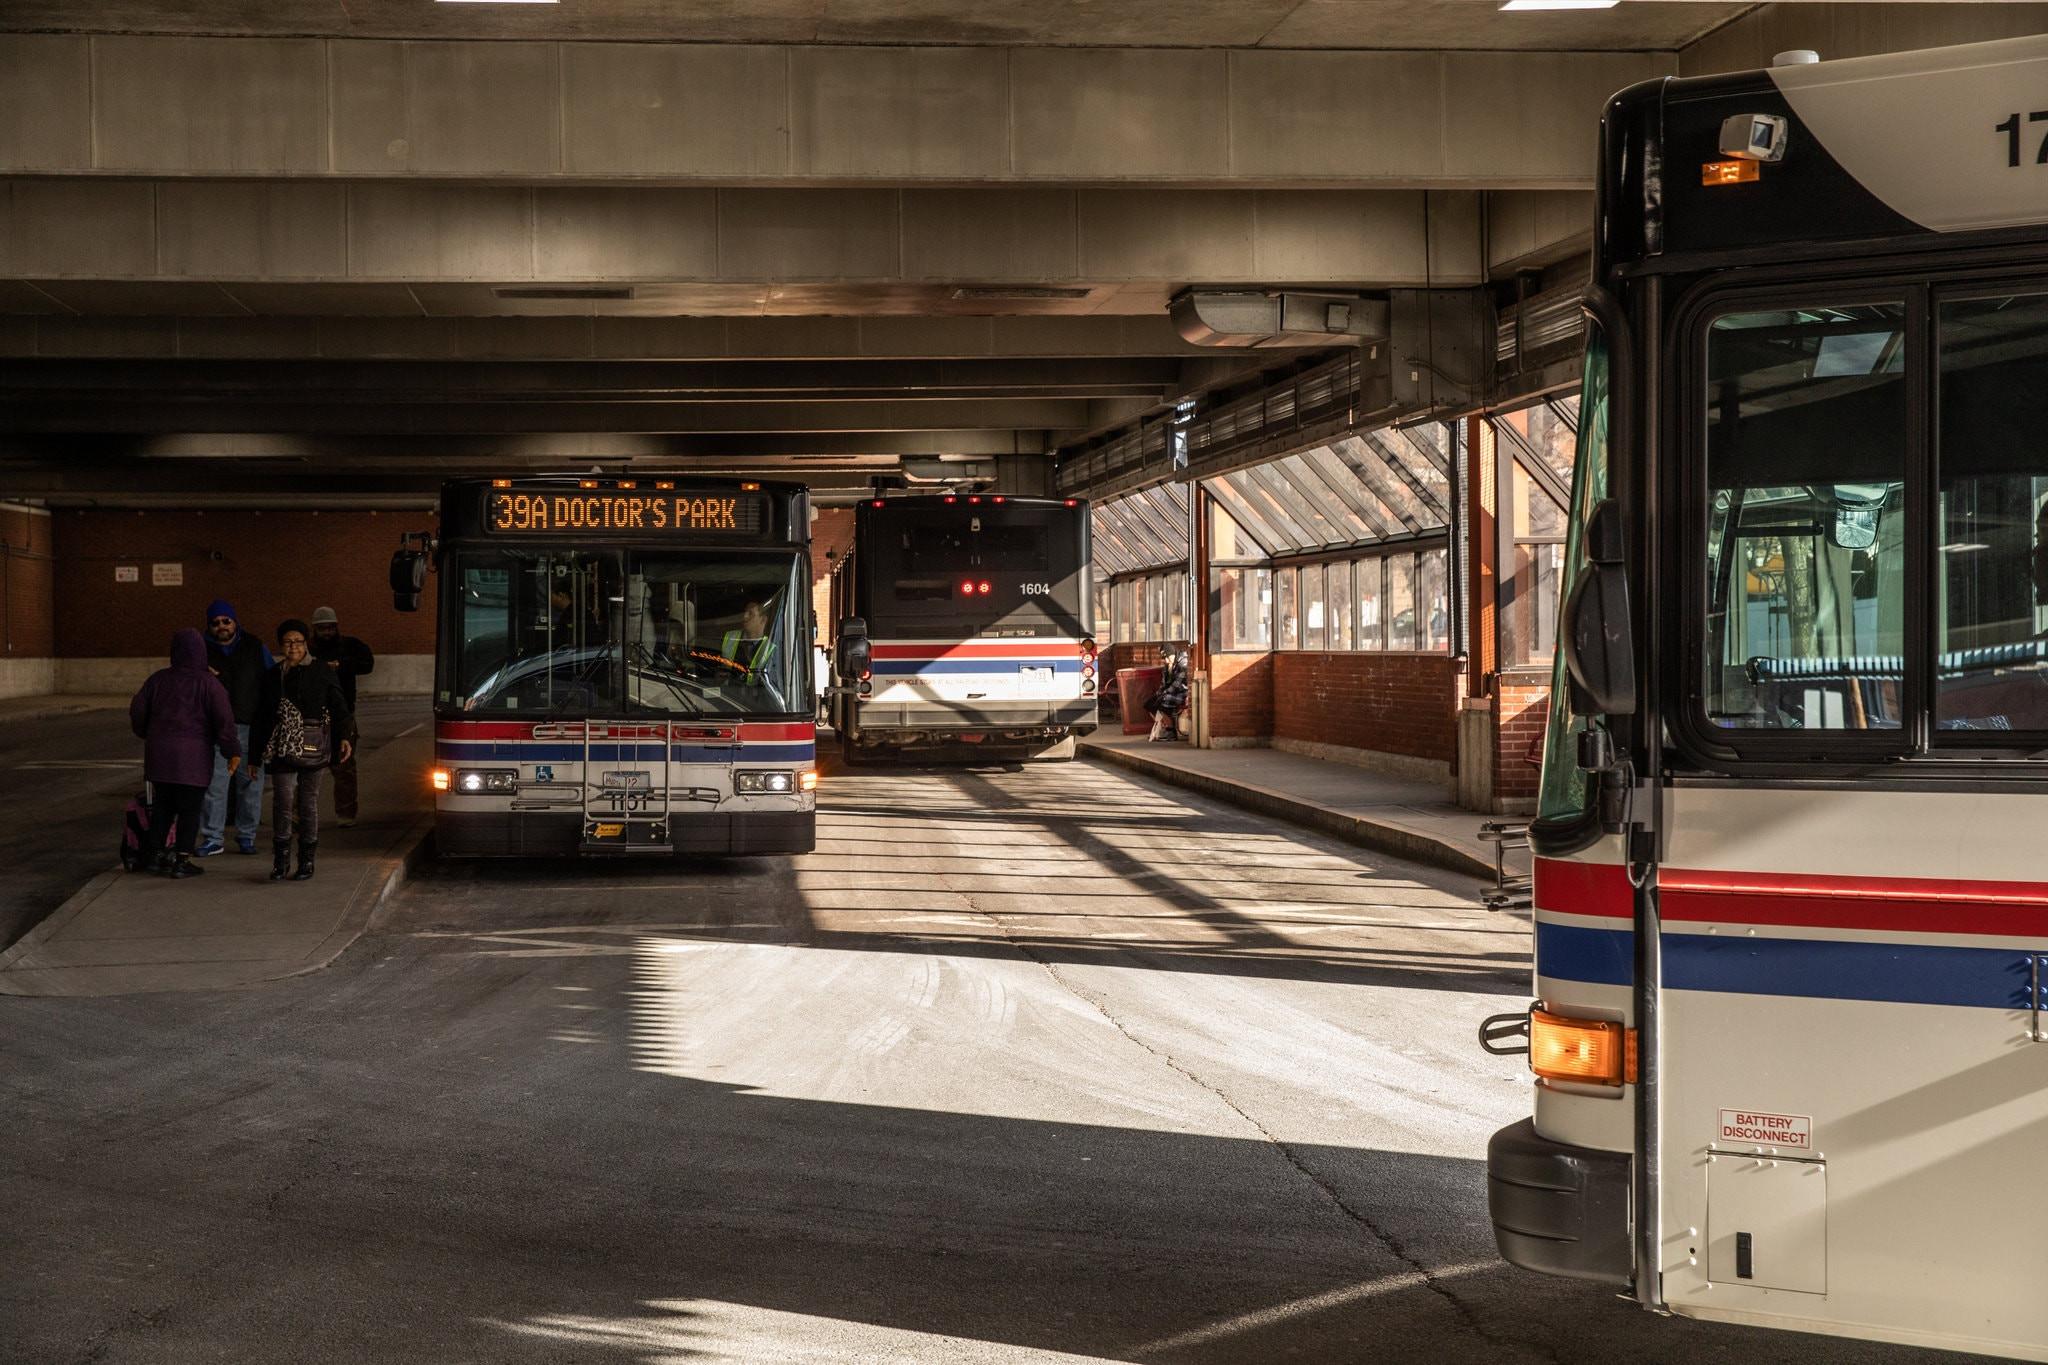 के सार्वजनिक यातायात नि:शुल्क हुनुपर्छ? अमेरिकी र युराेपेली सहरको अनुभव